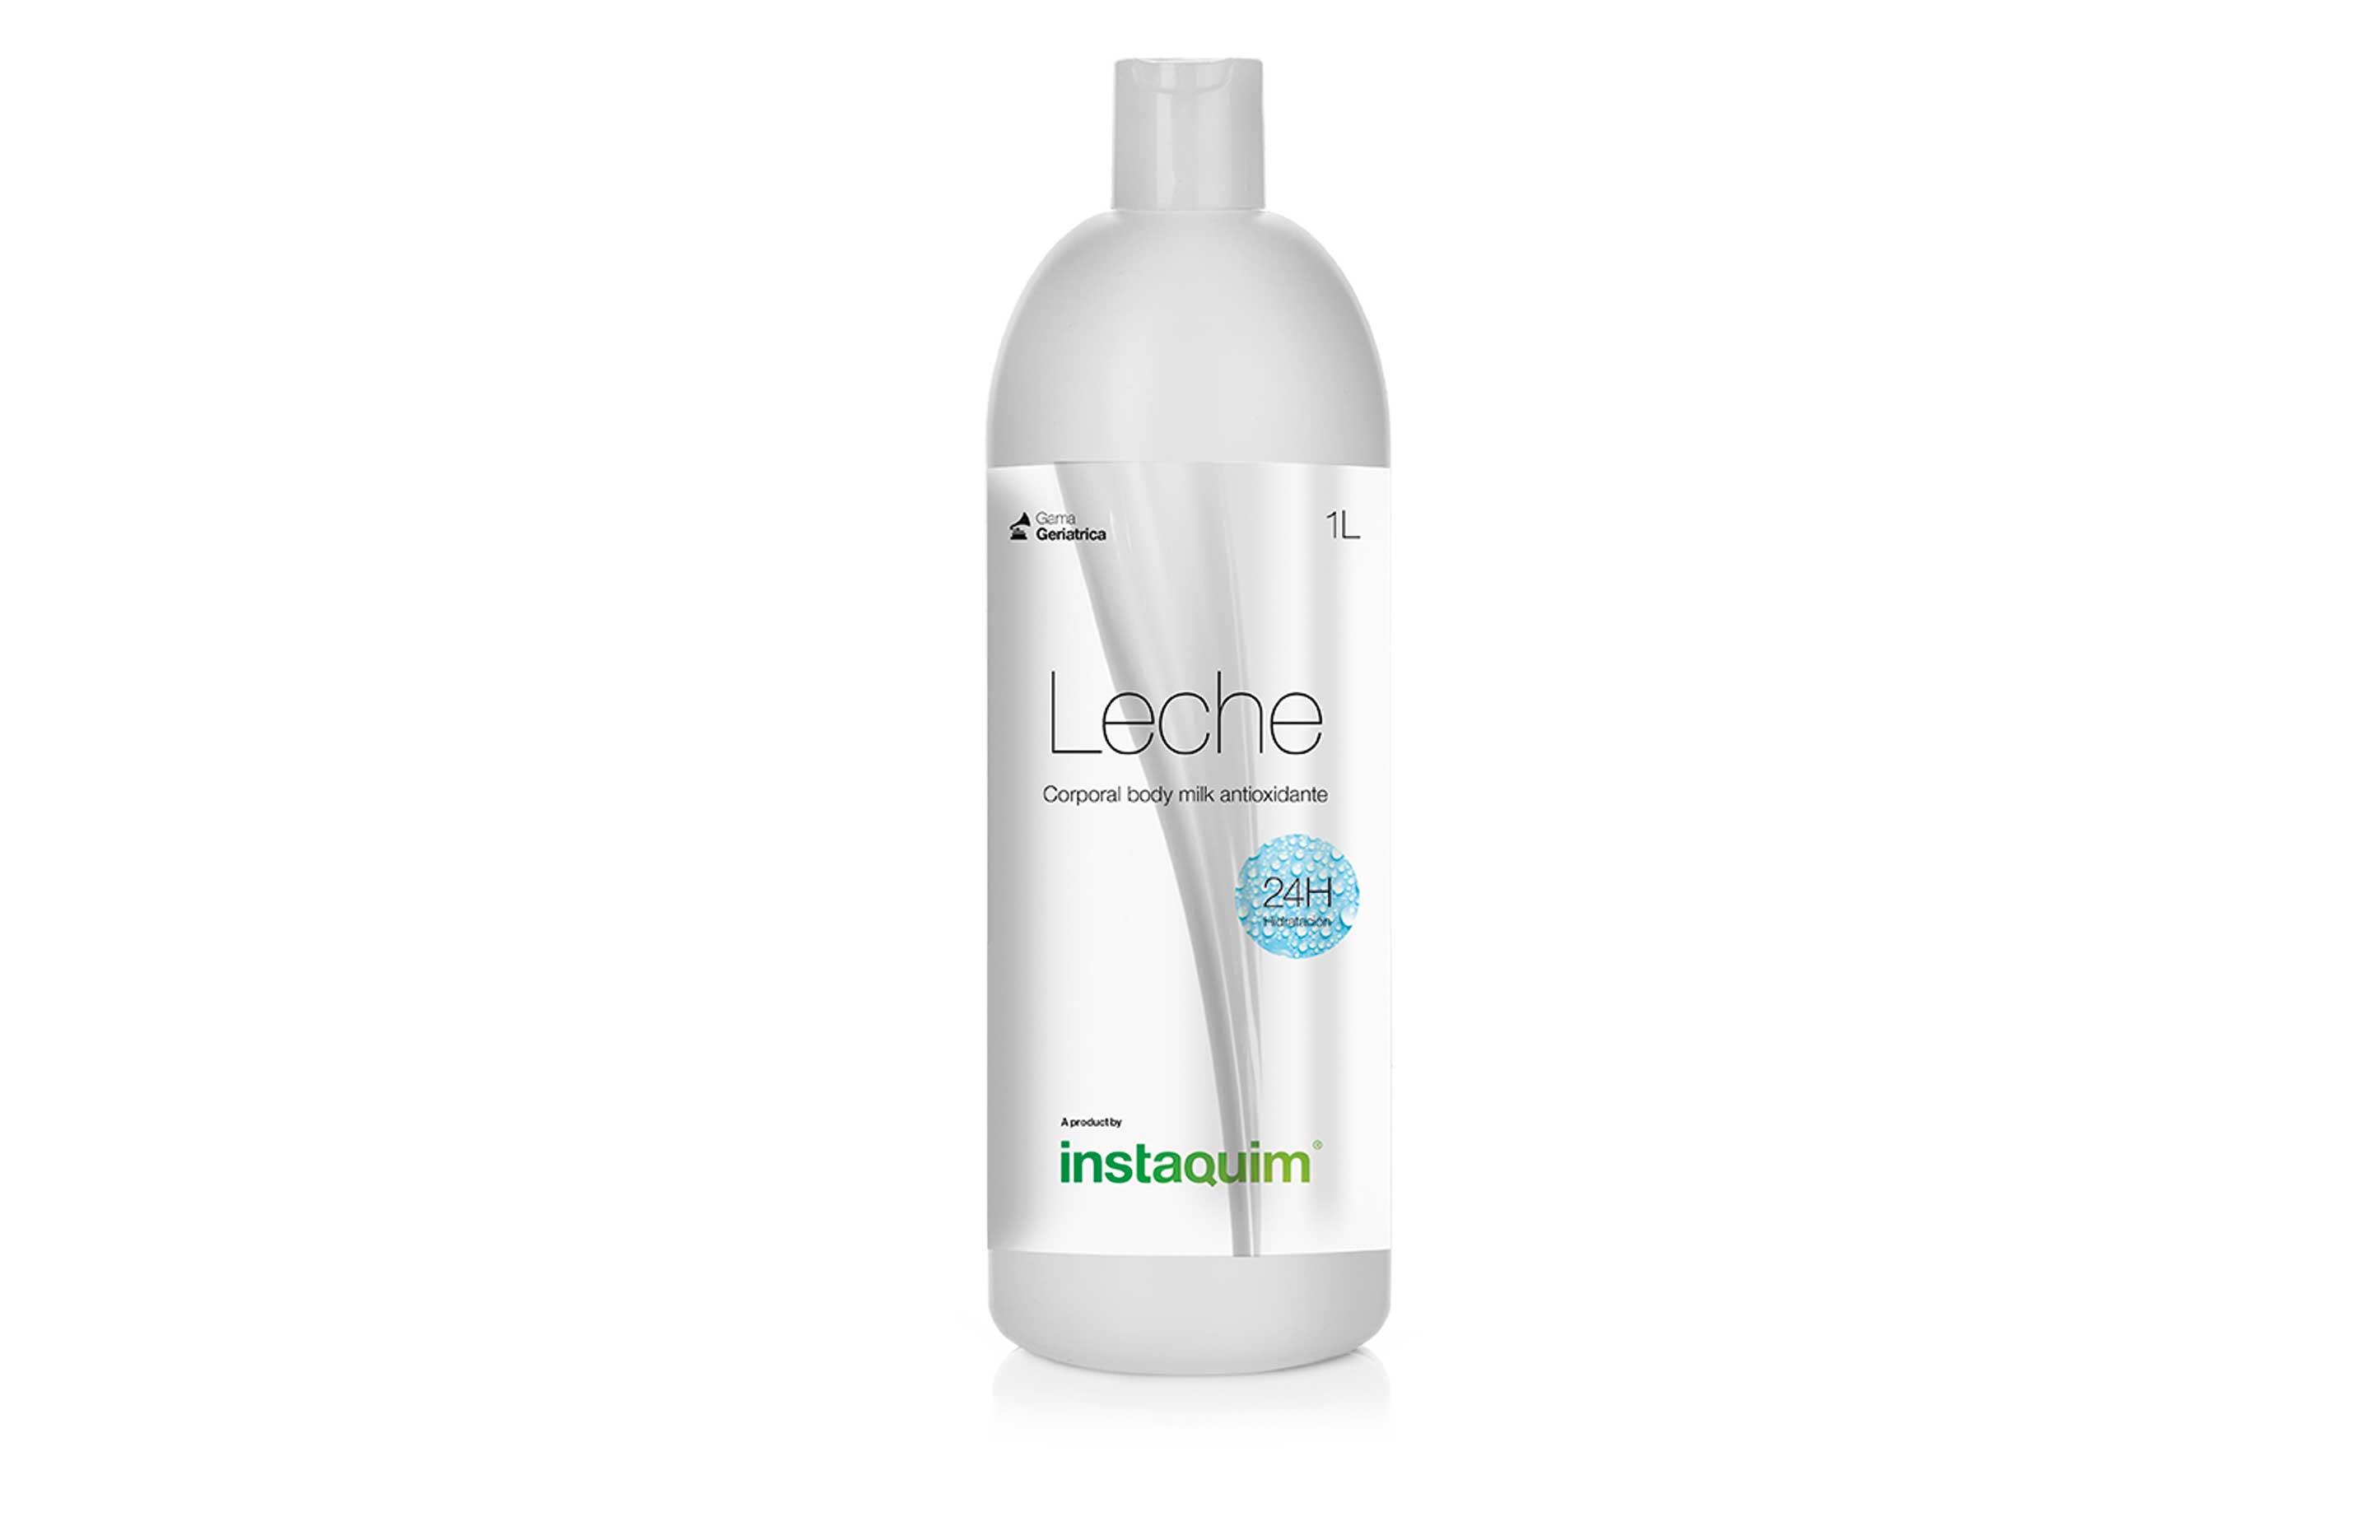 Leche corporal body milk antioxidante, Nawilżanie skóry